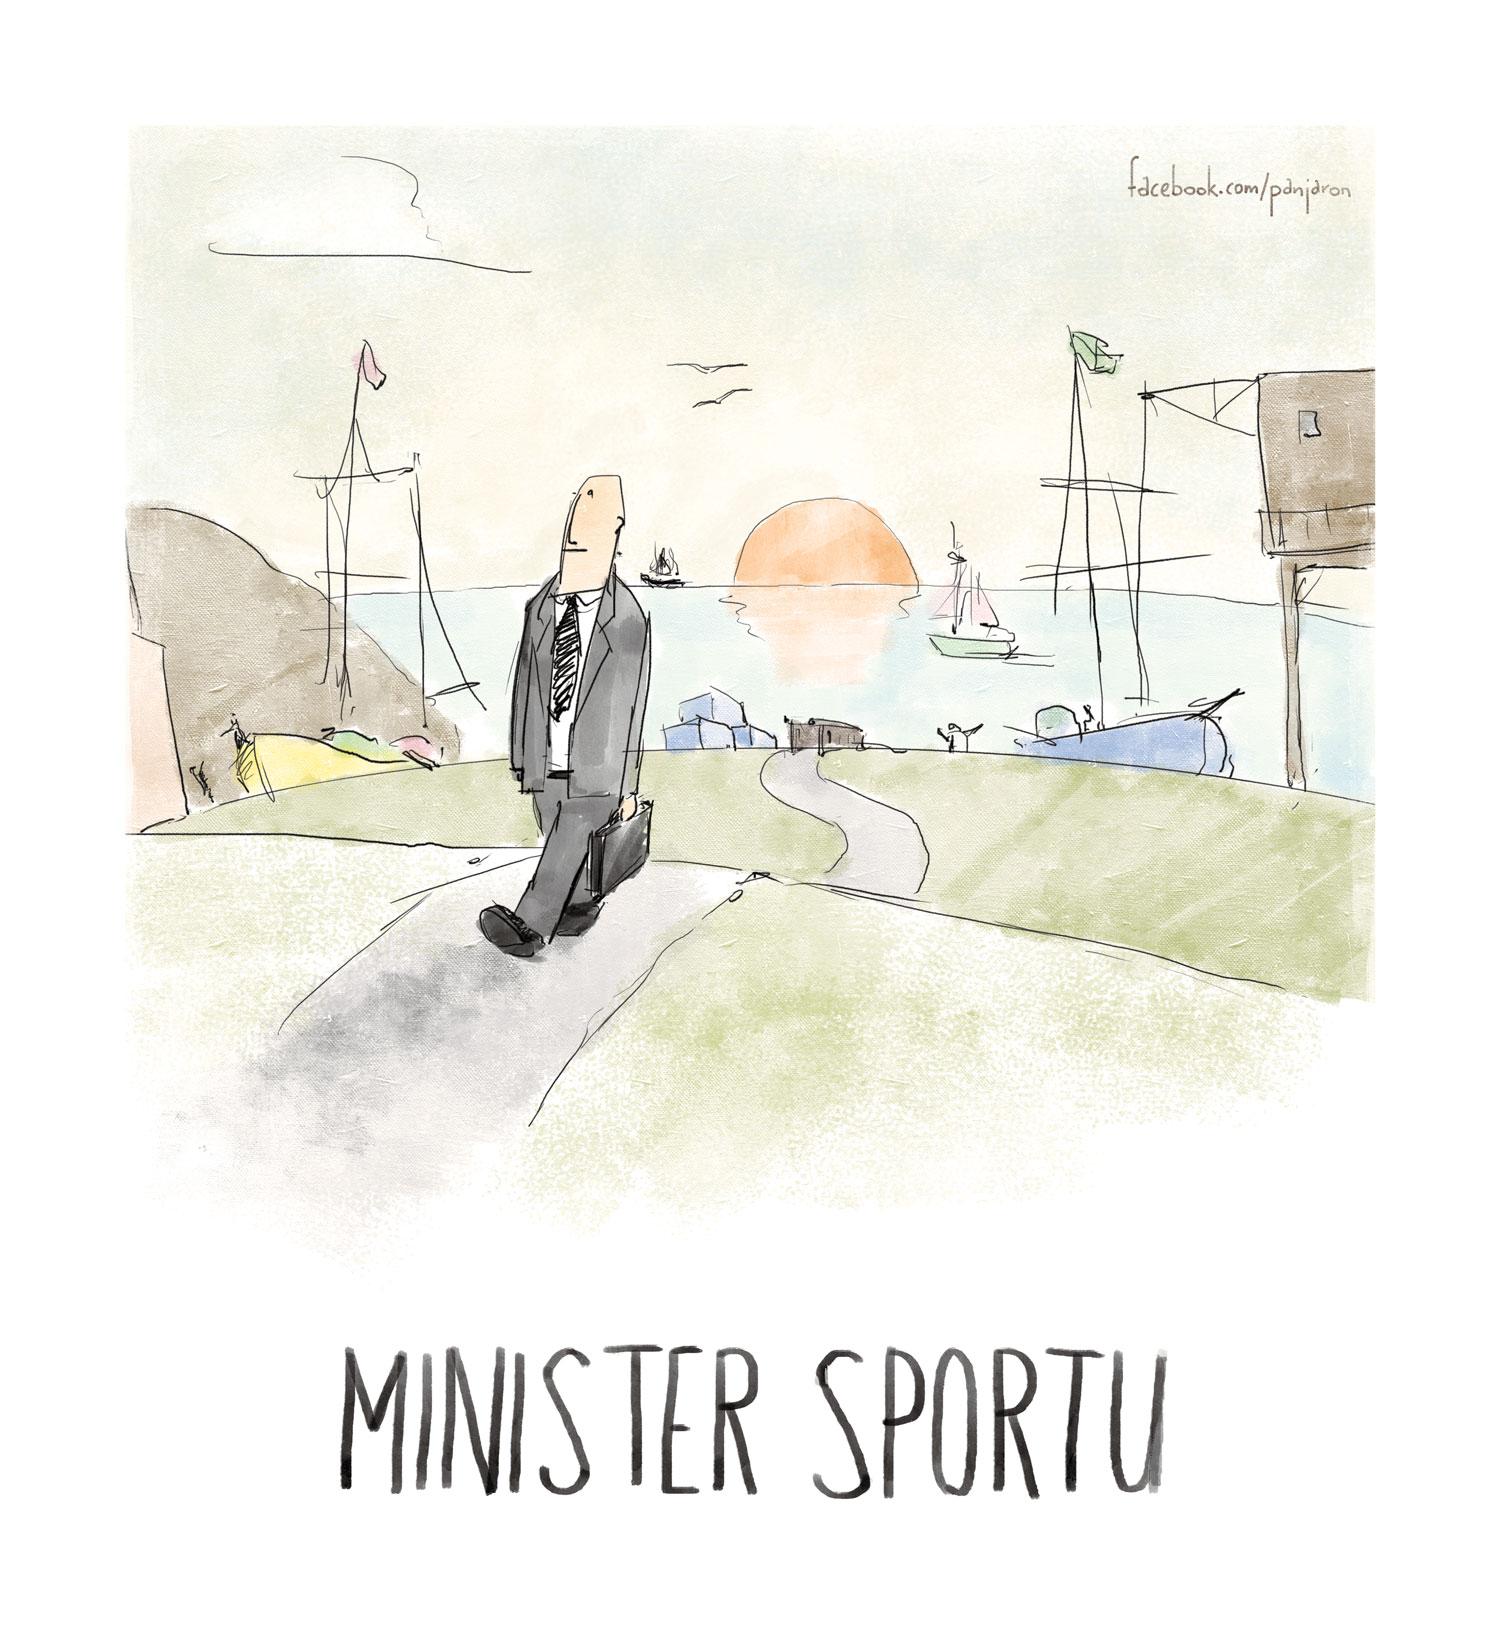 ministersportu